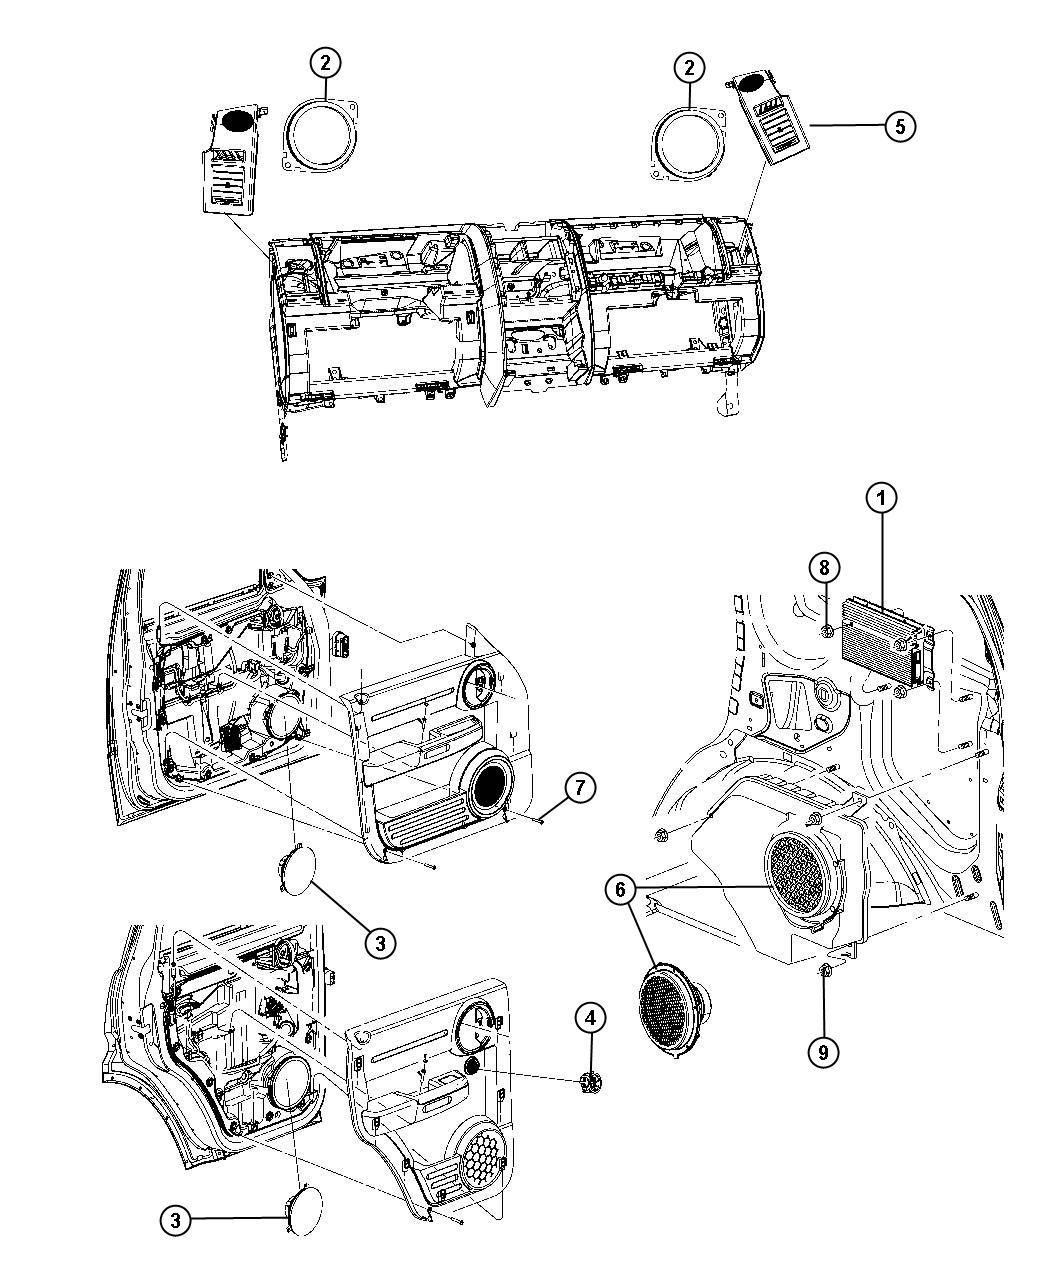 Dodge Nitro Amplifier Radio 8 Infinity Speakers W